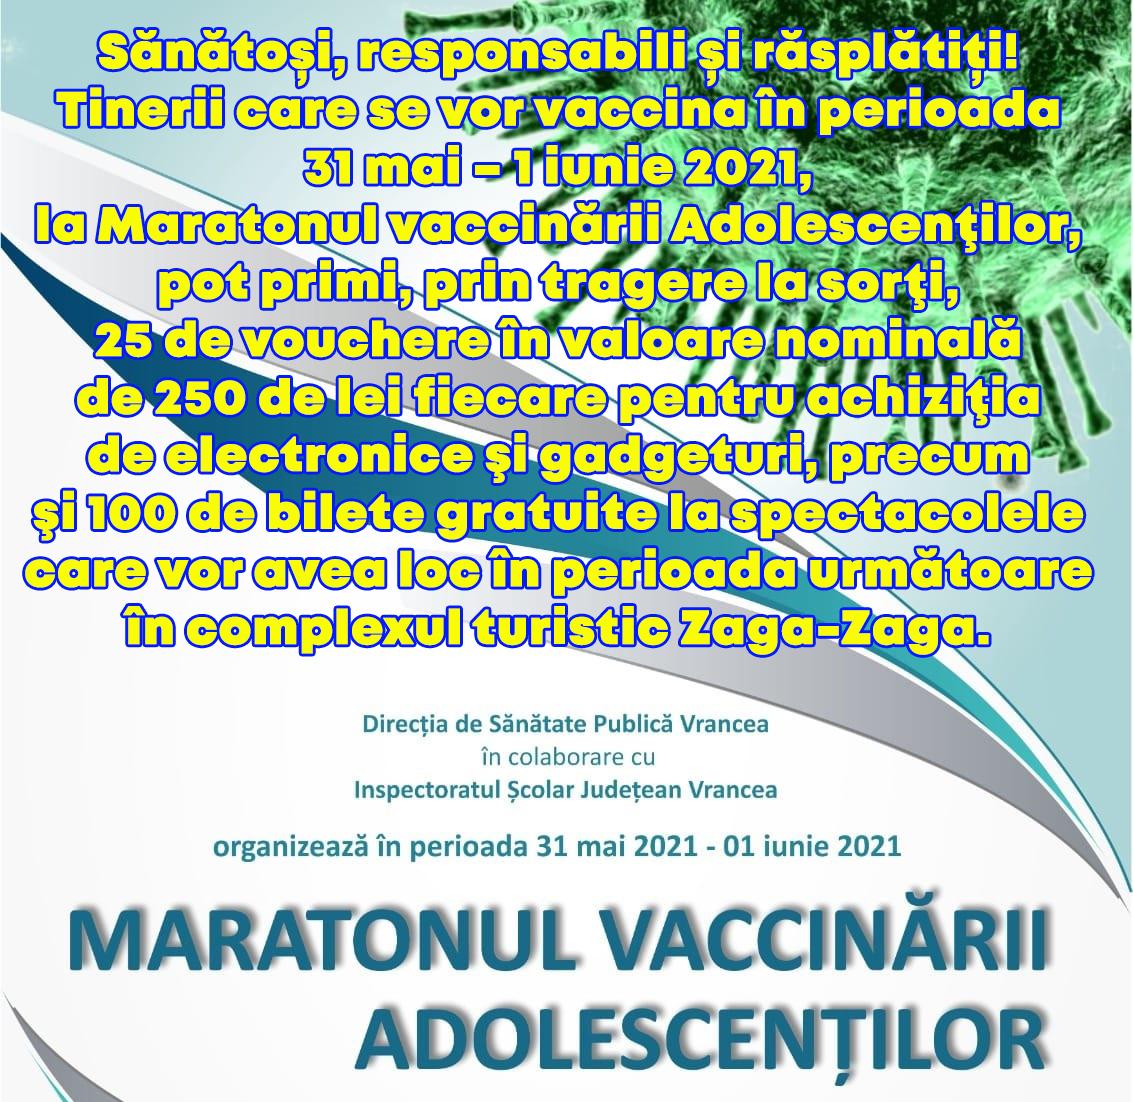 Vouchere în valoare de 250 de lei pentru achiziţia de electronice şi gadgeturi şi 100 de bilete gratuite pentru spectacole la Zaga-Zaga pentru tinerii care se imunizează la Maratonul vaccinării adolescenţilor post thumbnail